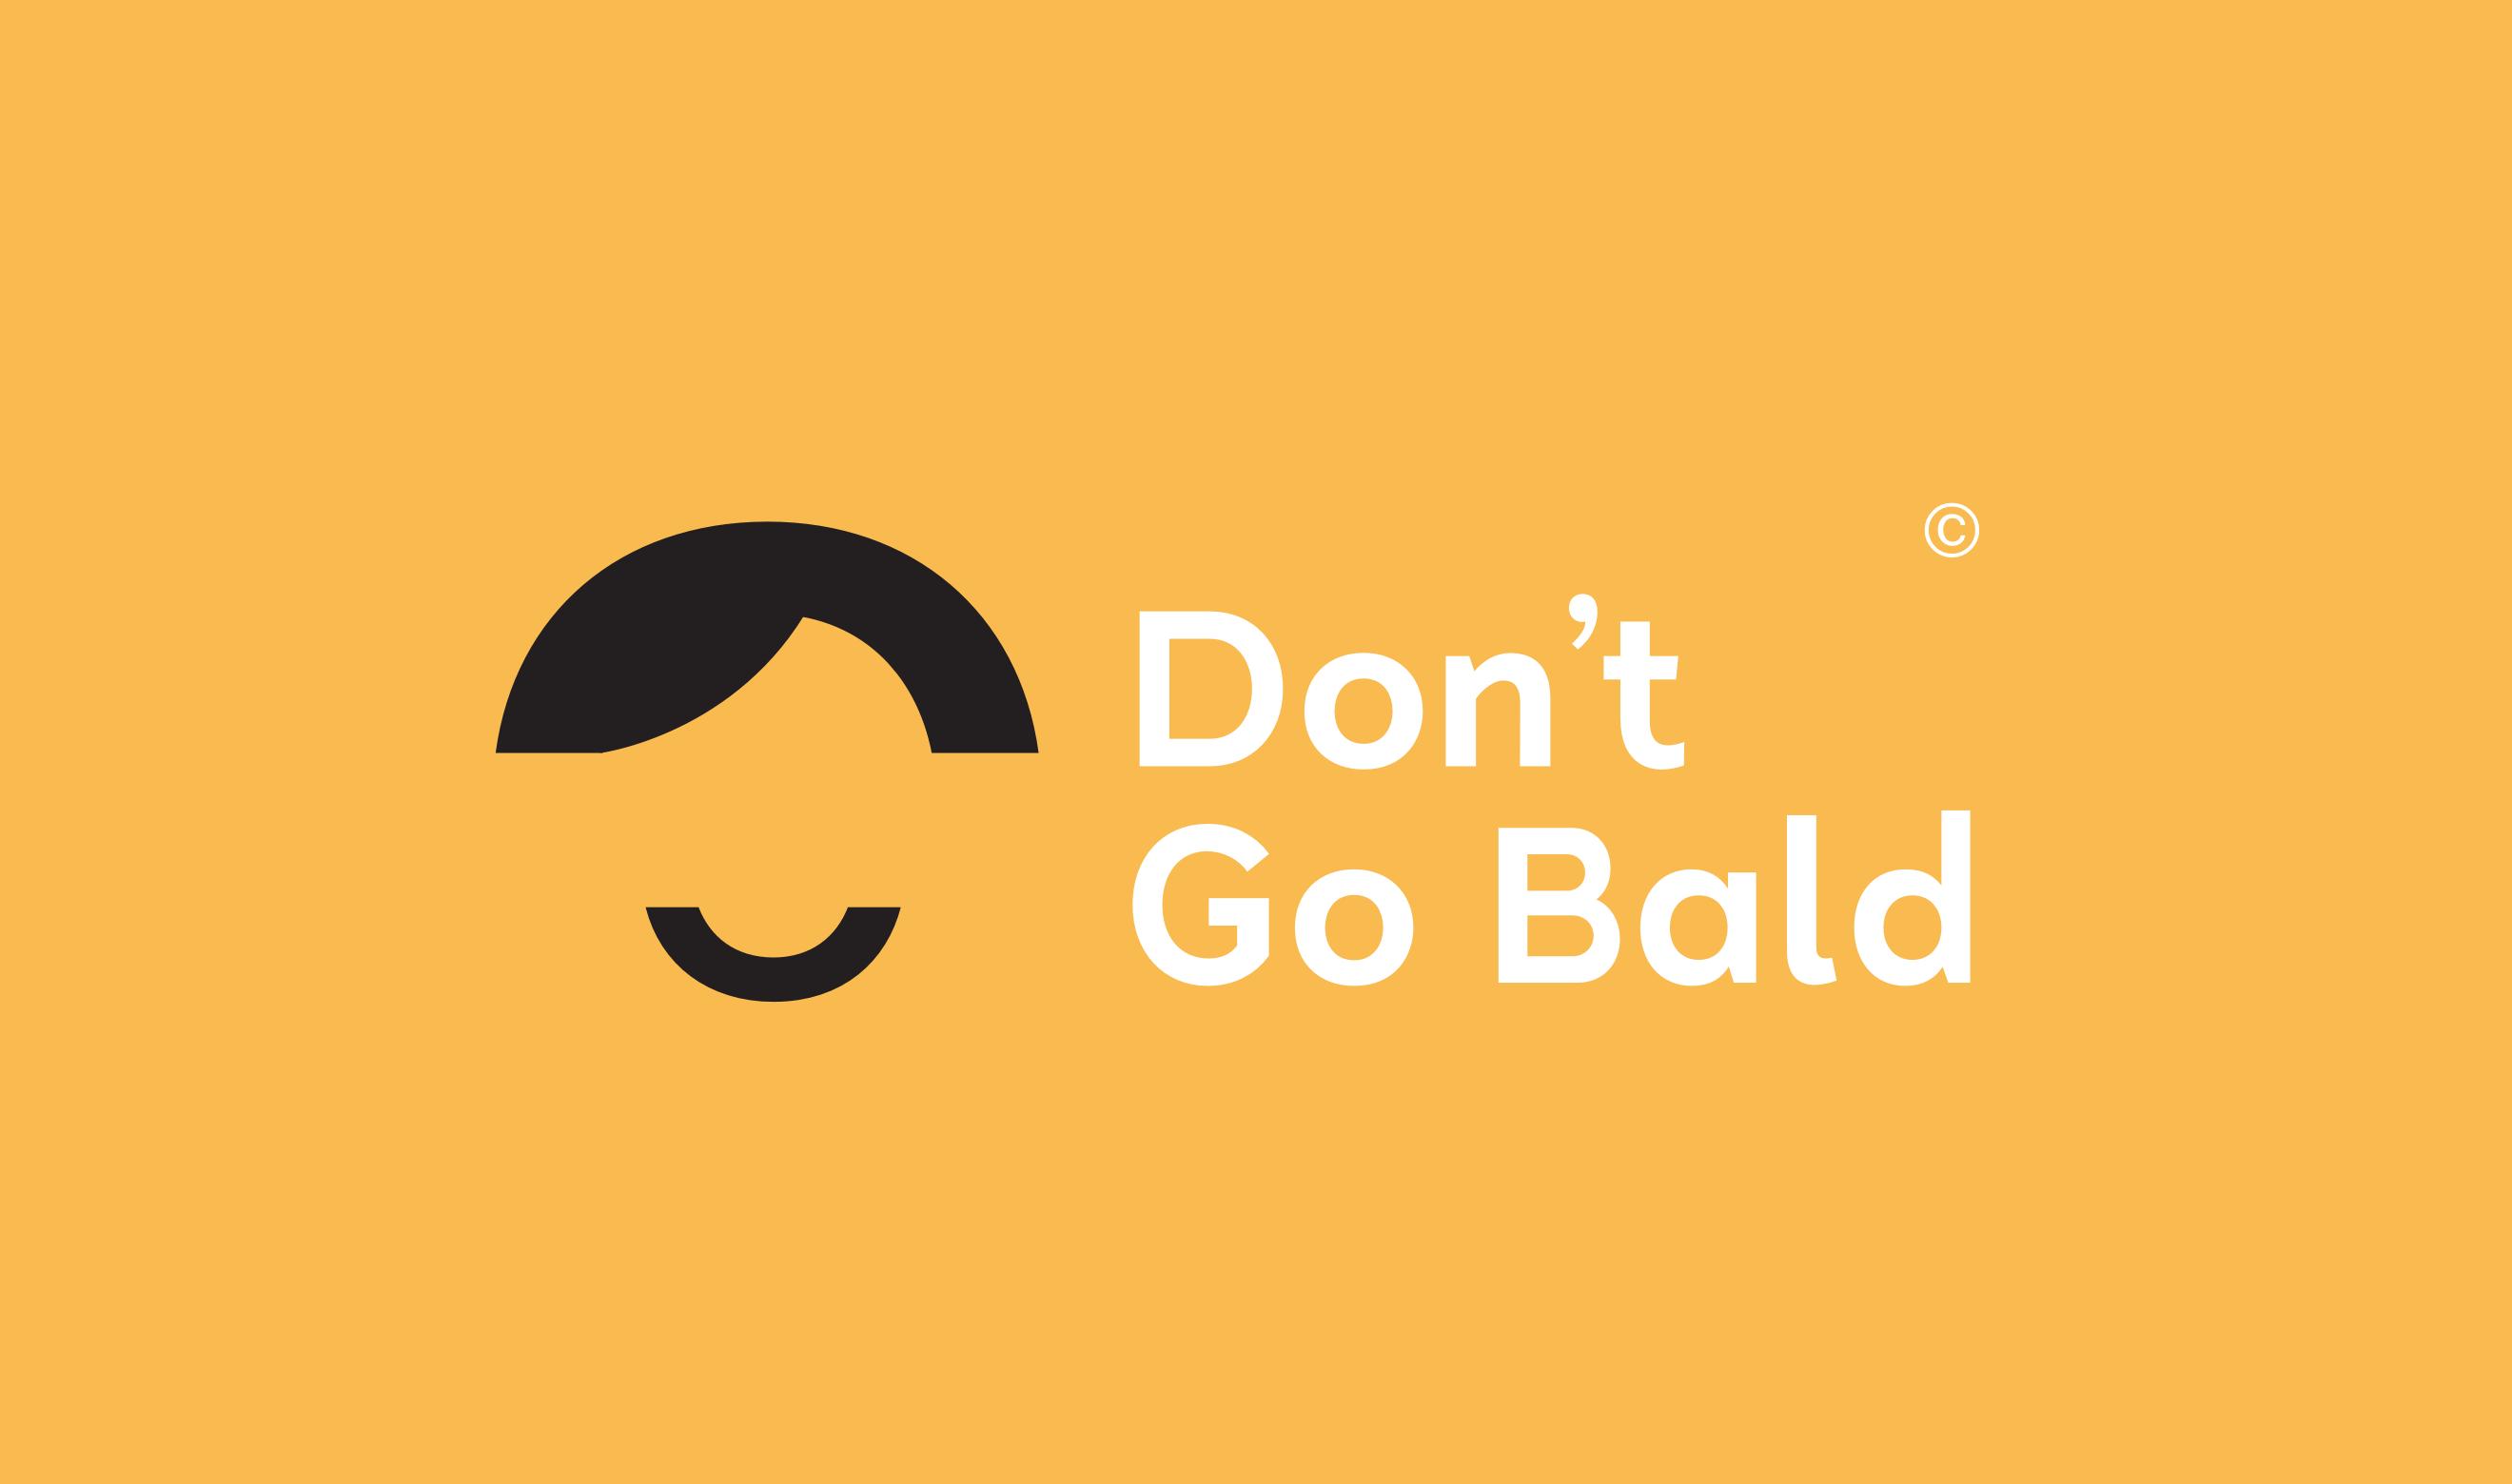 Dont Go Bald Branding